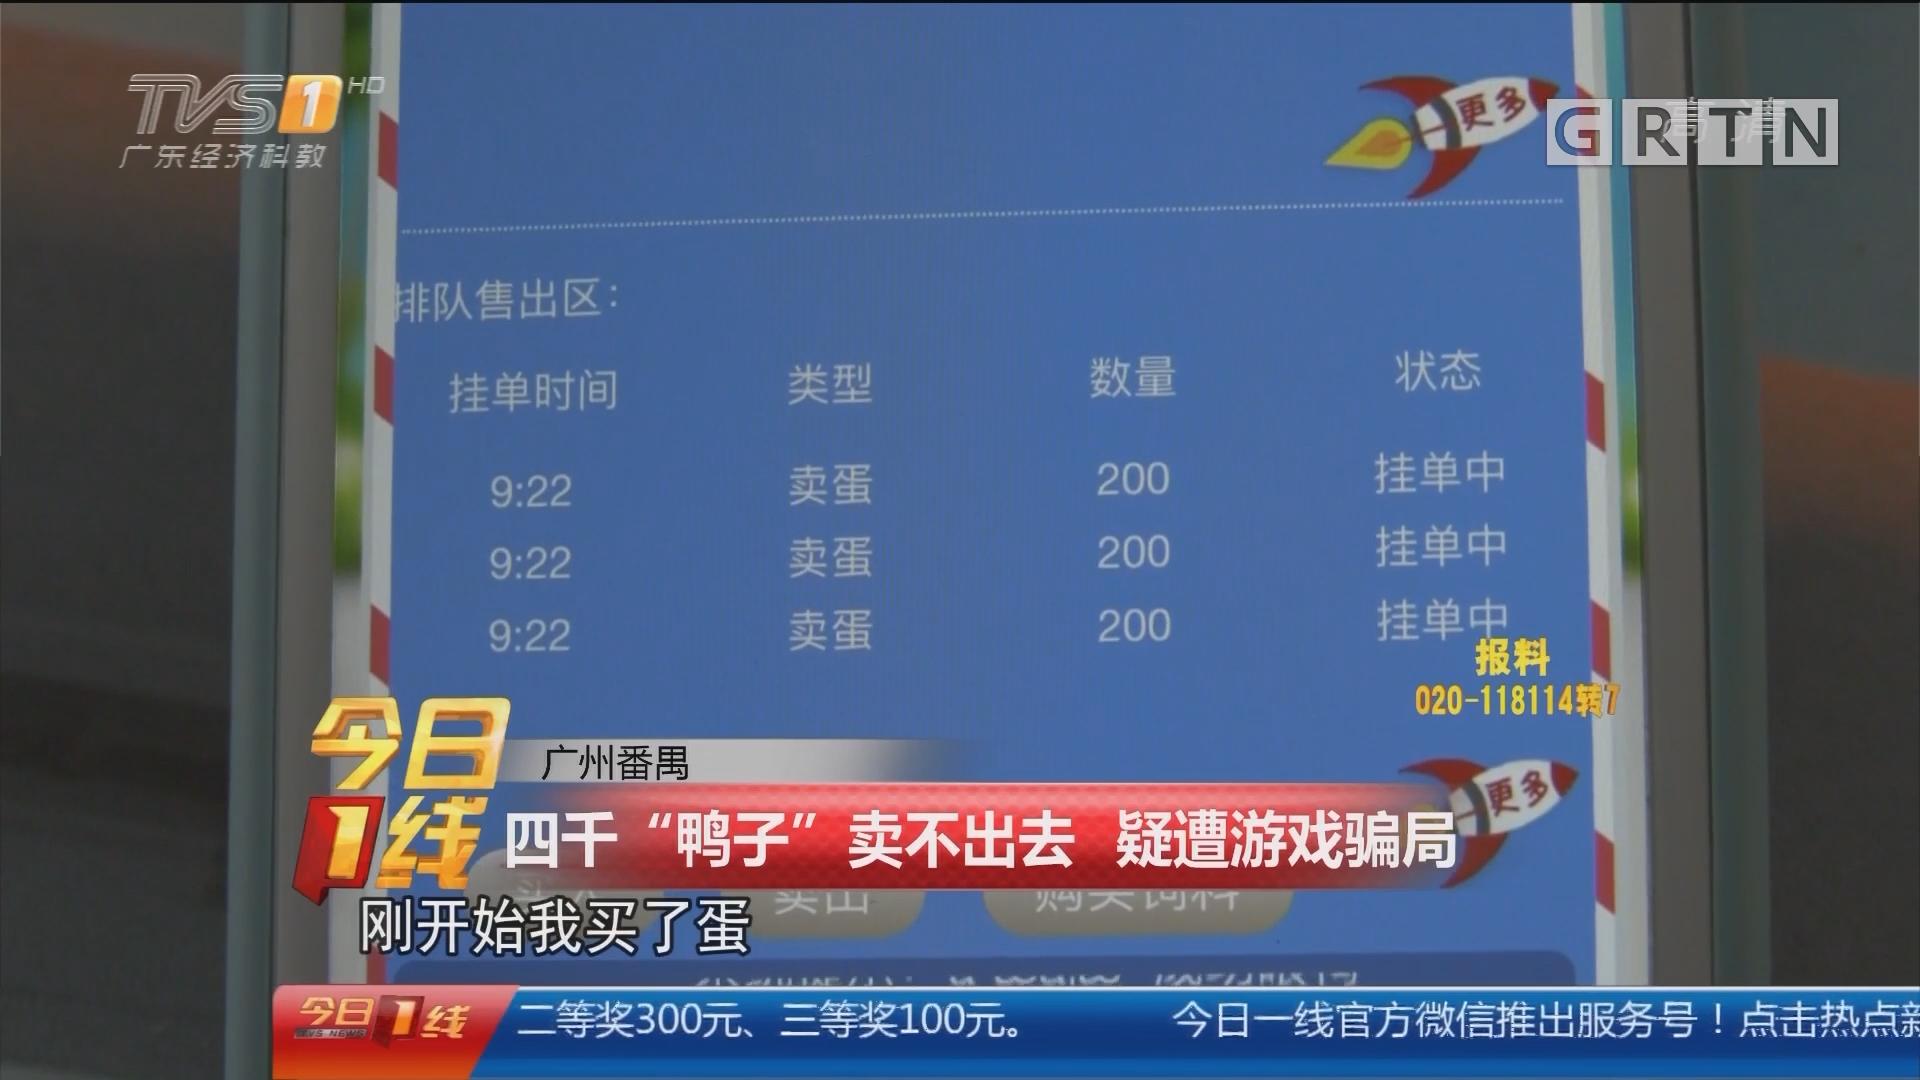 """广州番禺:四千""""鸭子""""卖不出去 疑遭游戏骗局"""